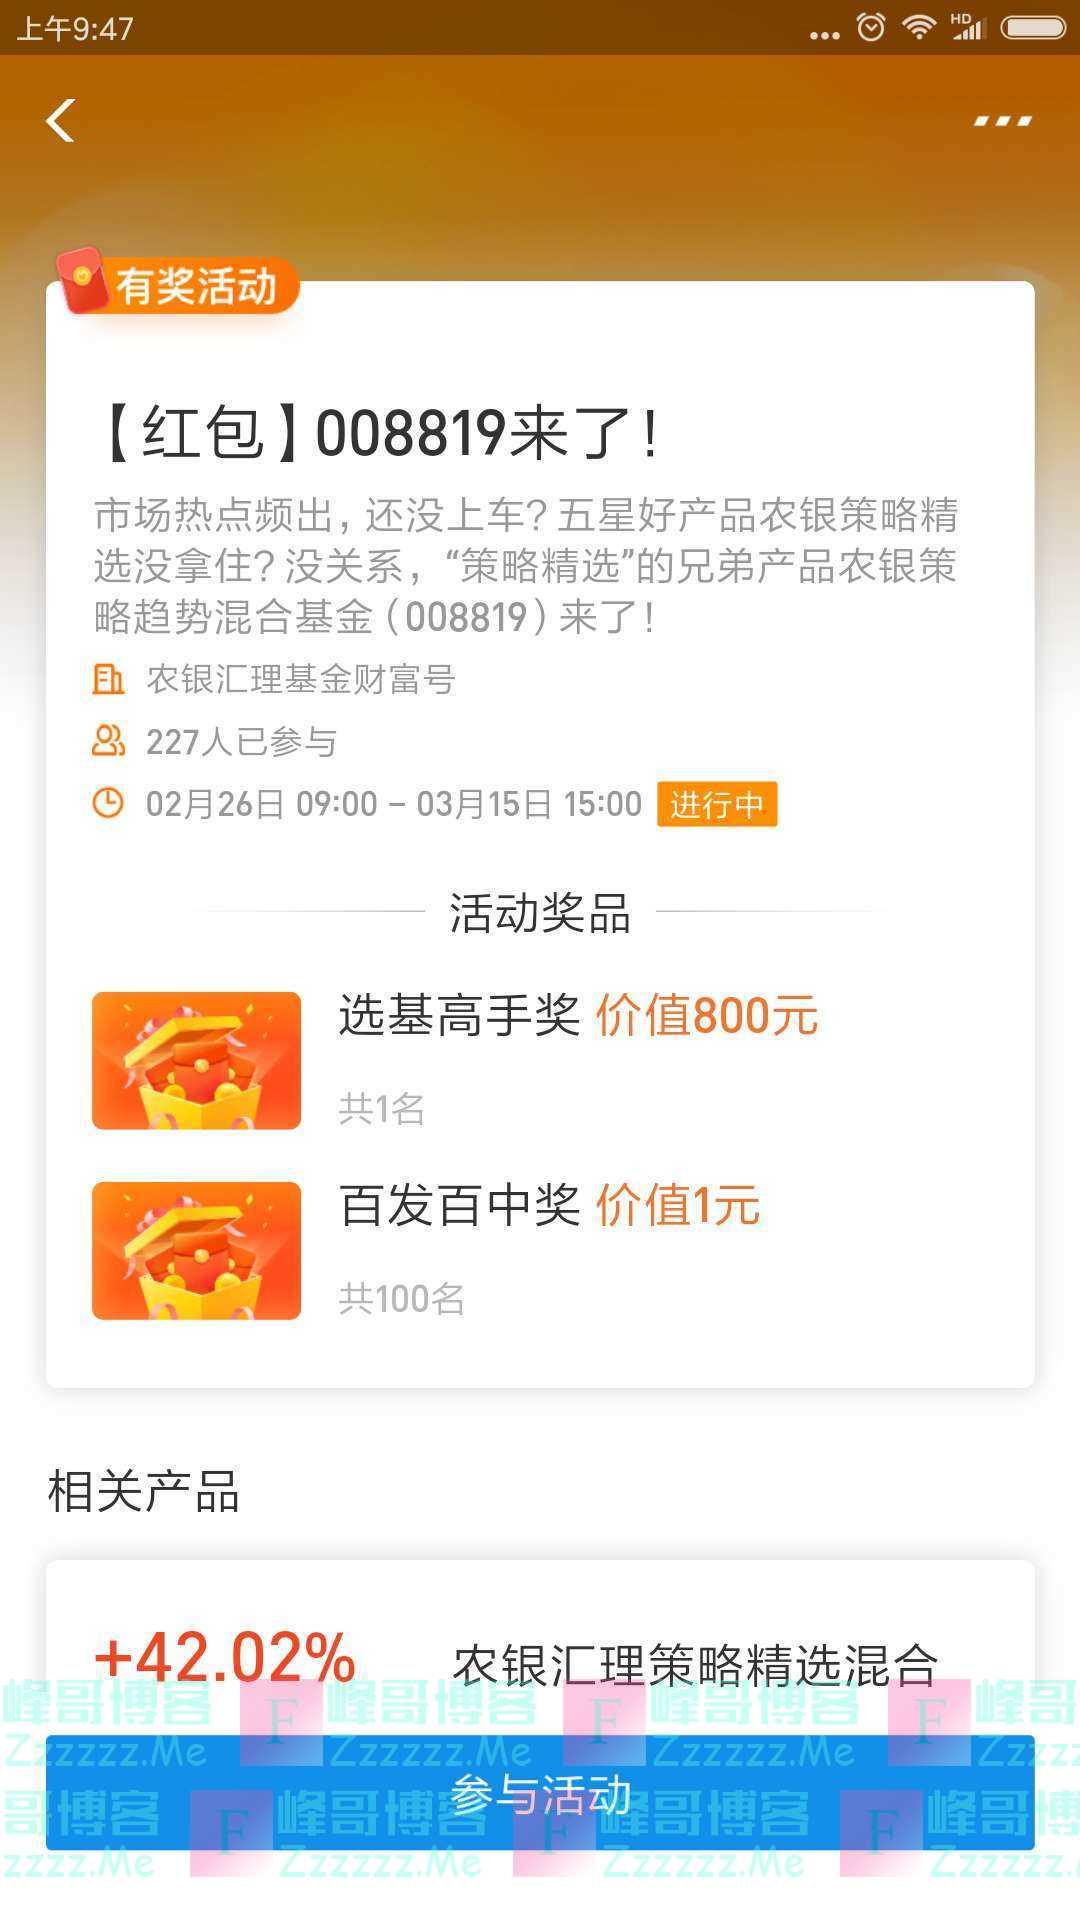 农银汇理基金红包 008819来了(截止3月15日)